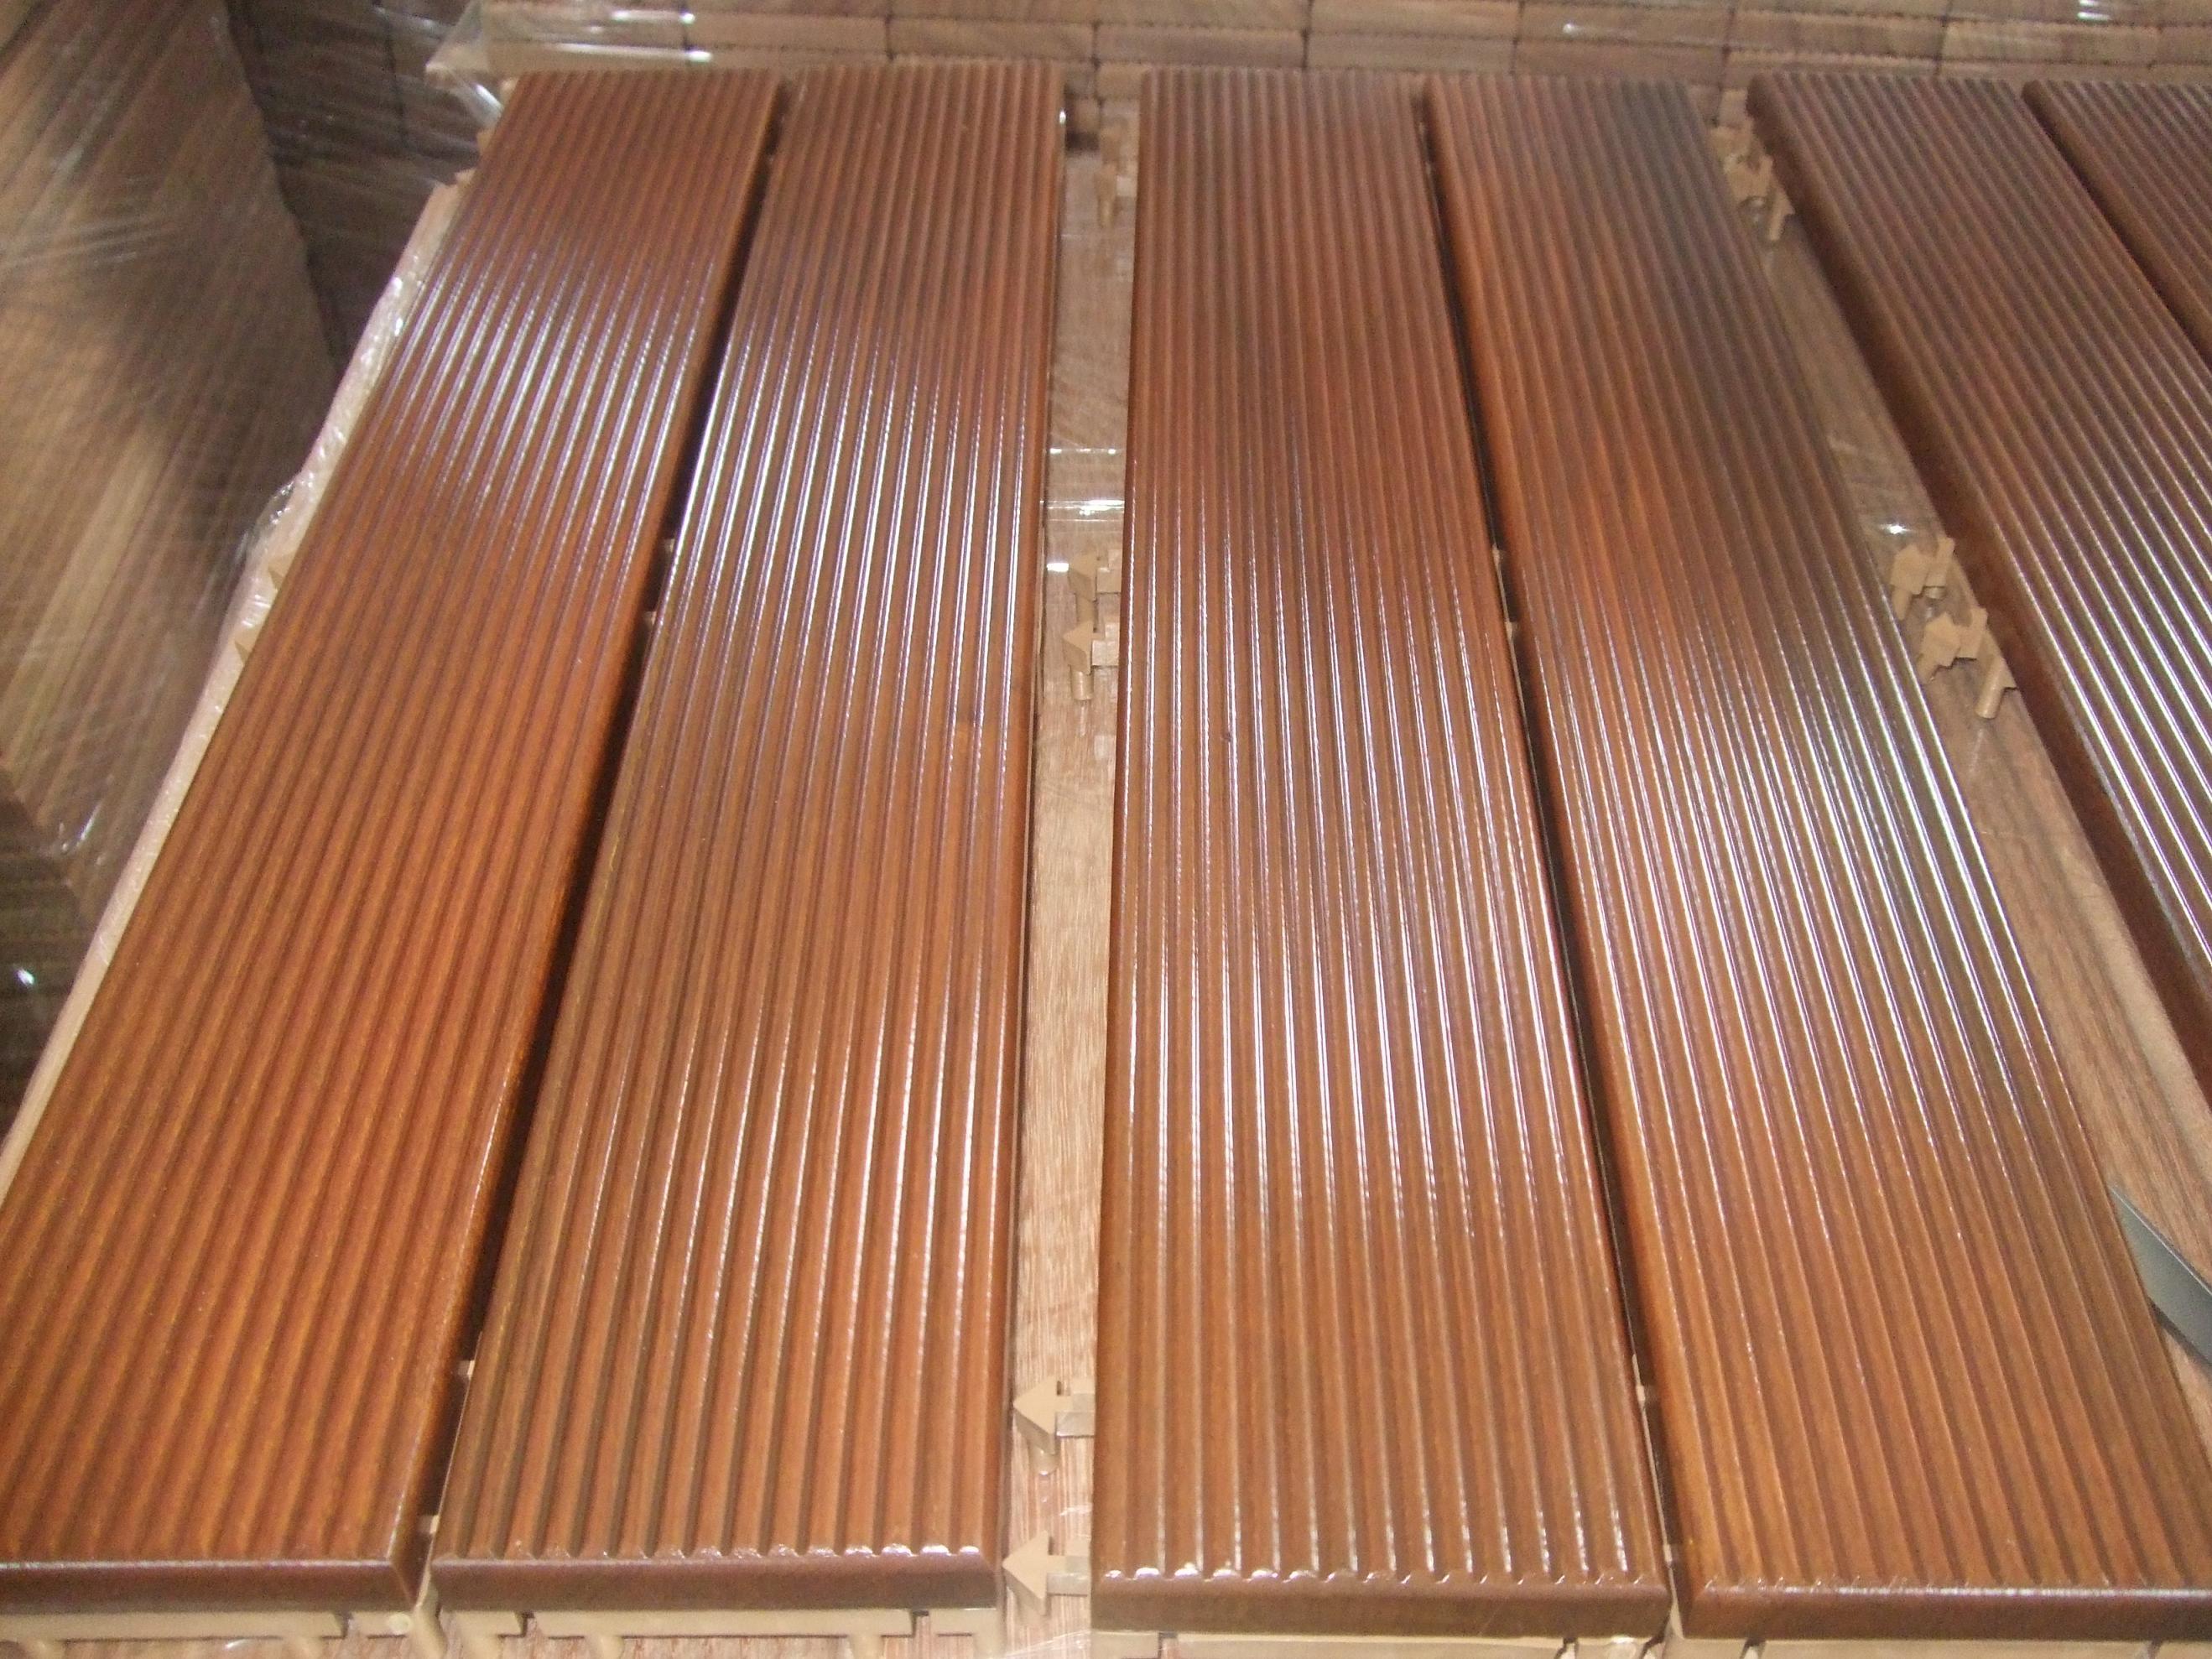 Deck-uri lemn PARCHETSTORE - Poza 2